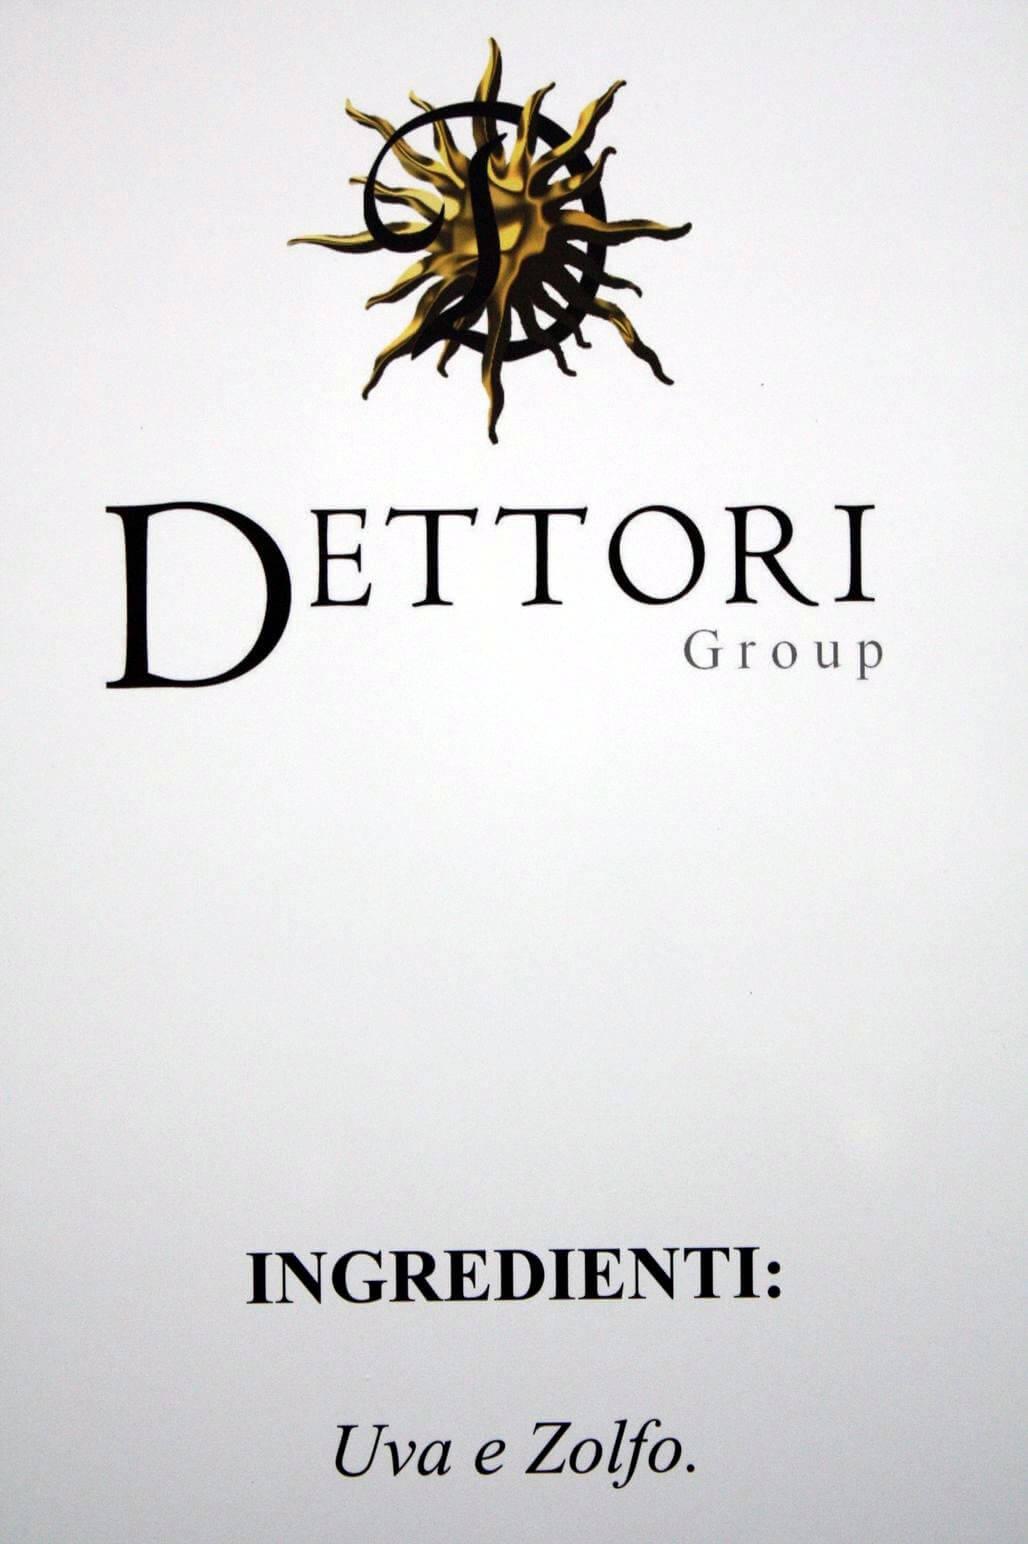 Dettori en de ingredienten druif en zwavel